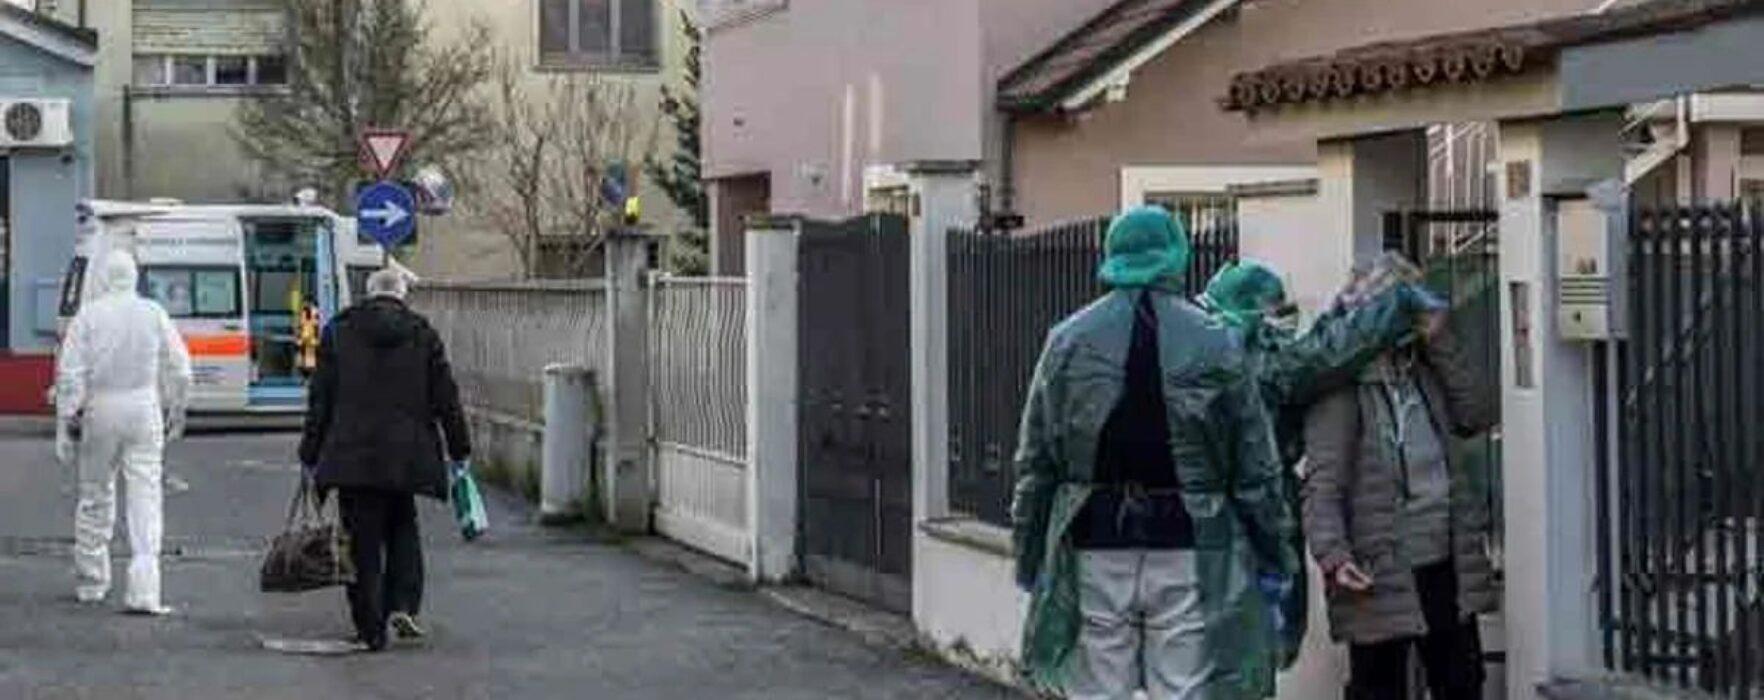 Dâmboviţa: 130 de persoane venite din zonele cu risc COVID-19, raportate de primari şi verificate de autorităţi